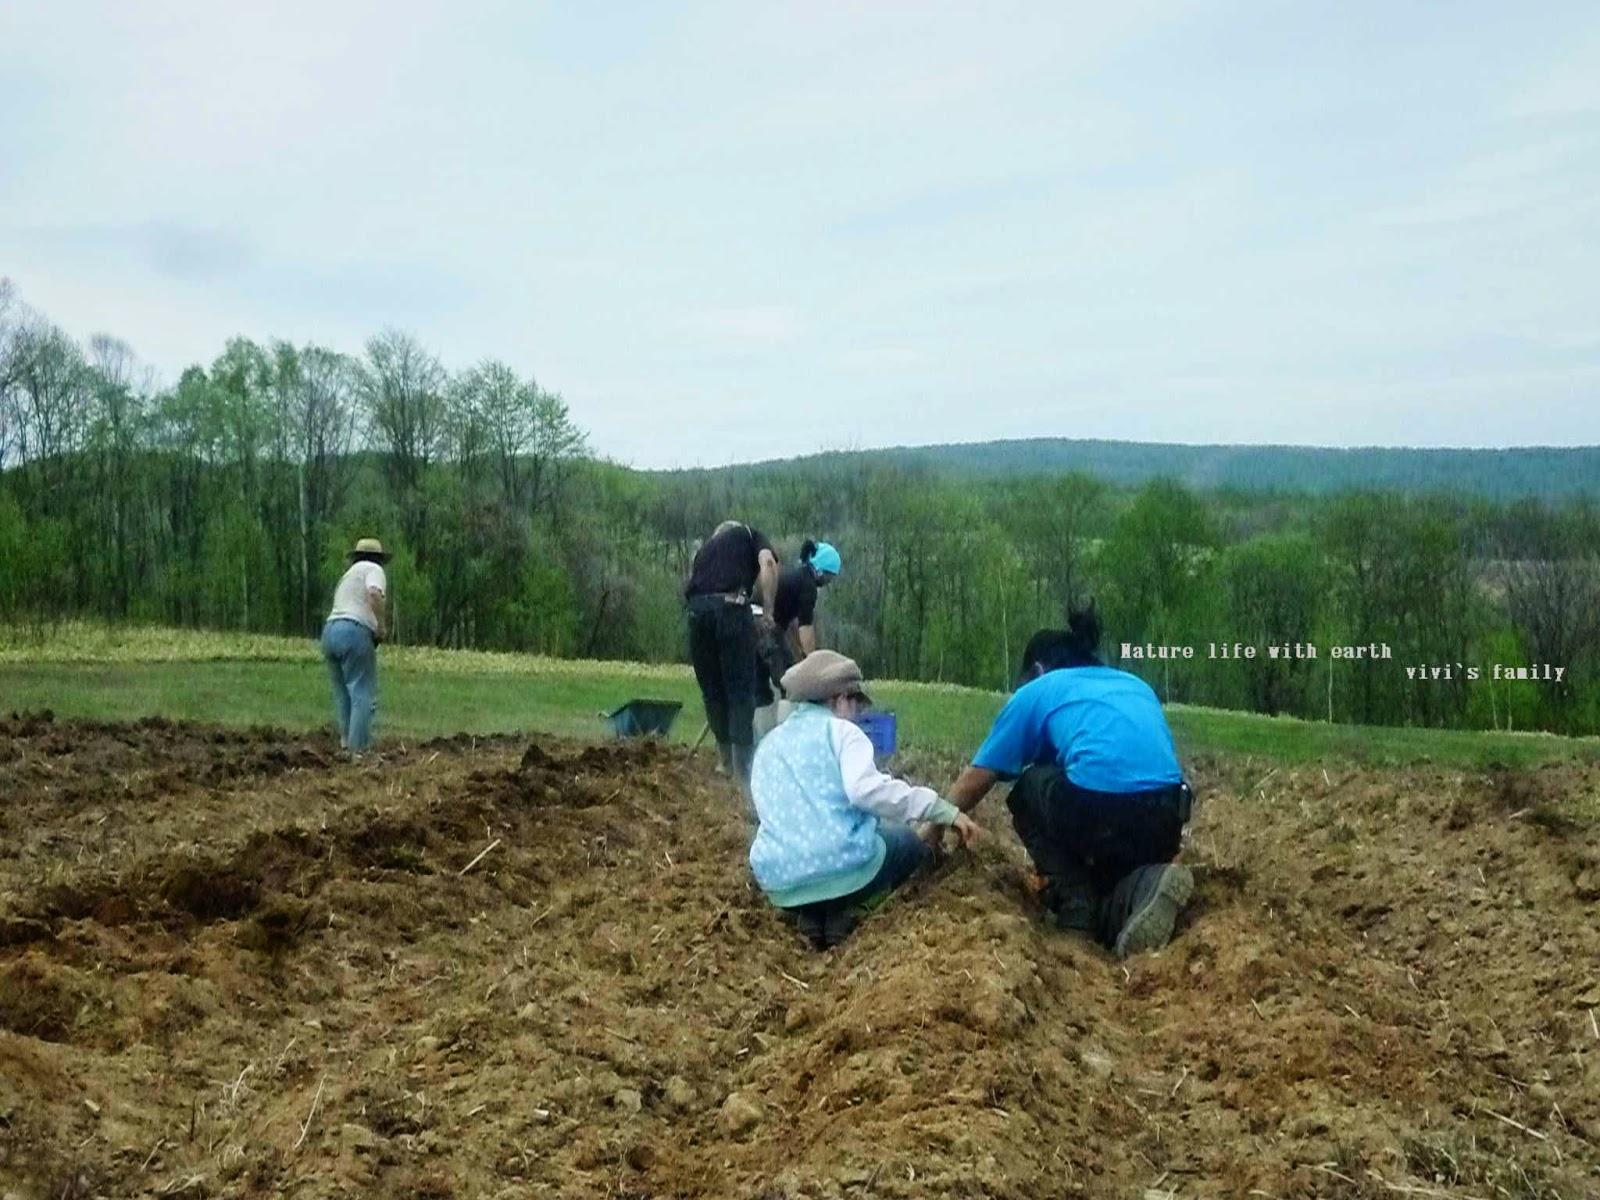 我們務農那是因為我們想要每天親手撥開野草,好看見我們生存的意志力,